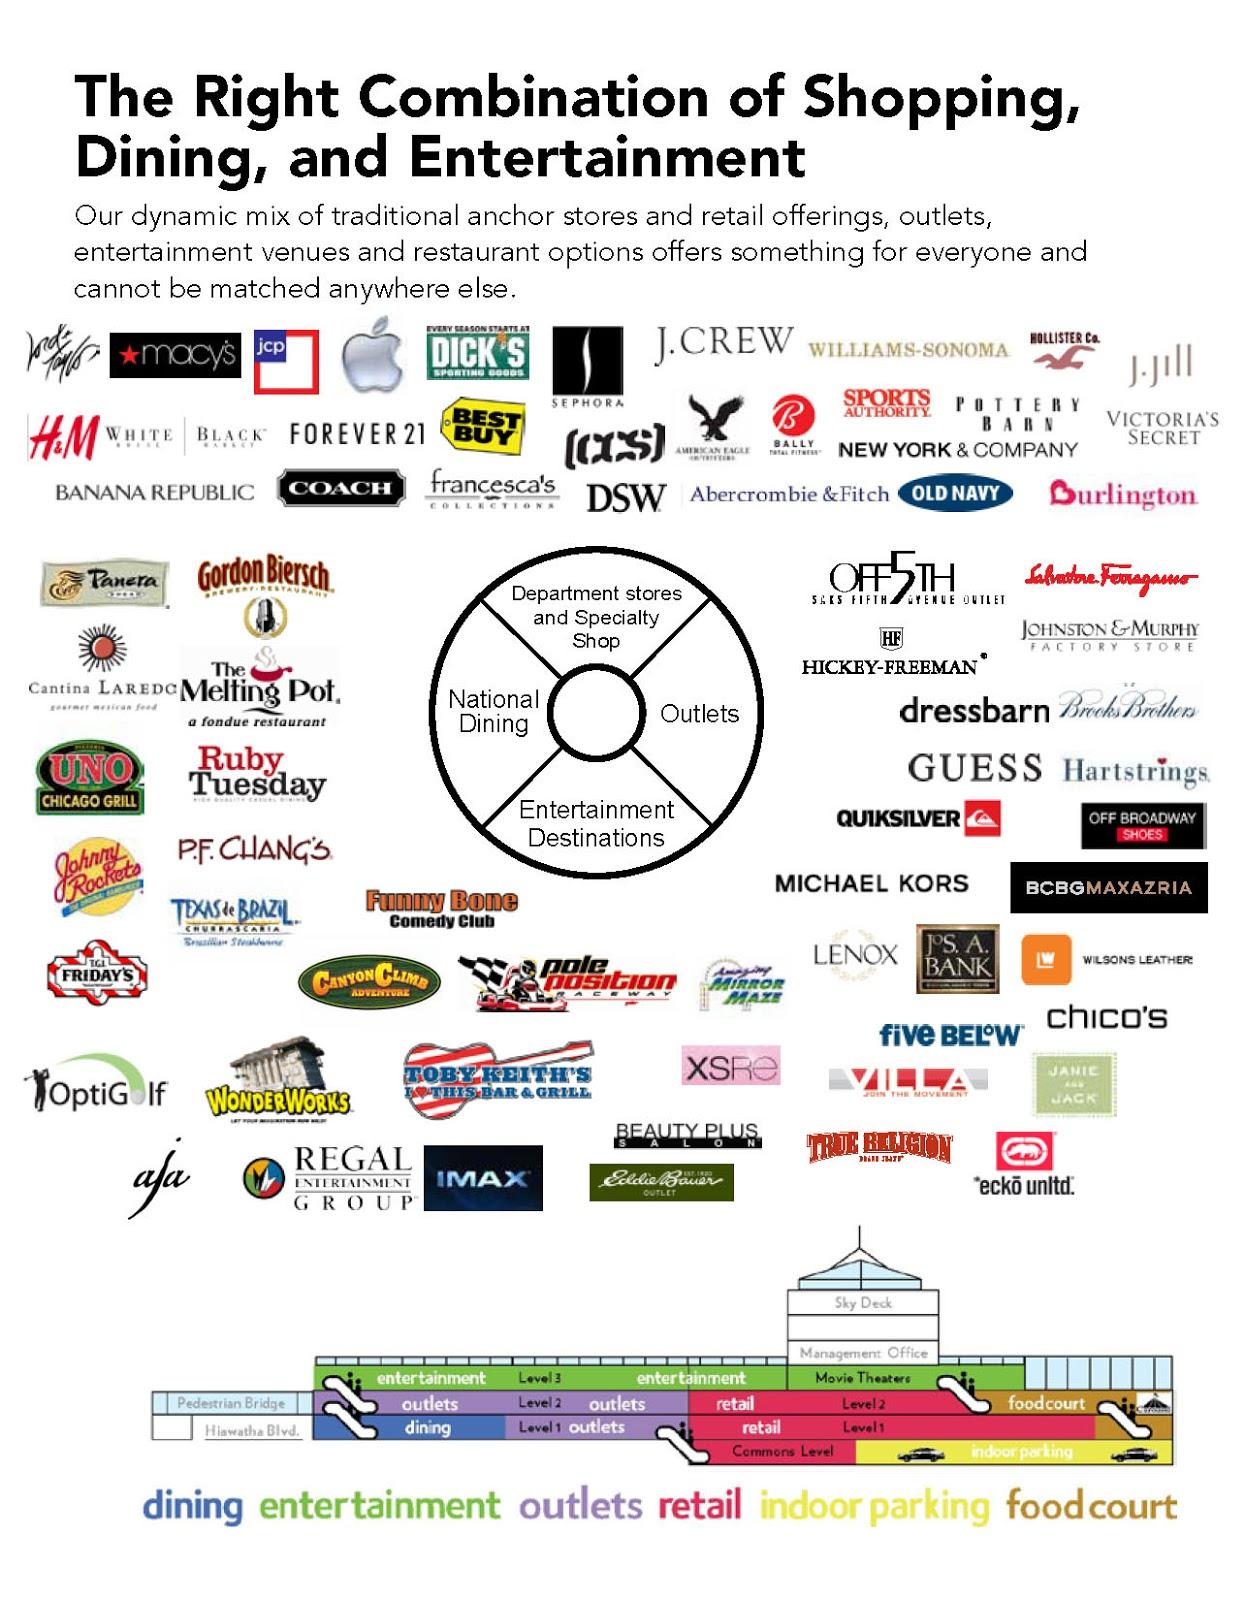 Destiny Usa Map Of Stores.Destiny Usa Map Indianapolis Radar Map